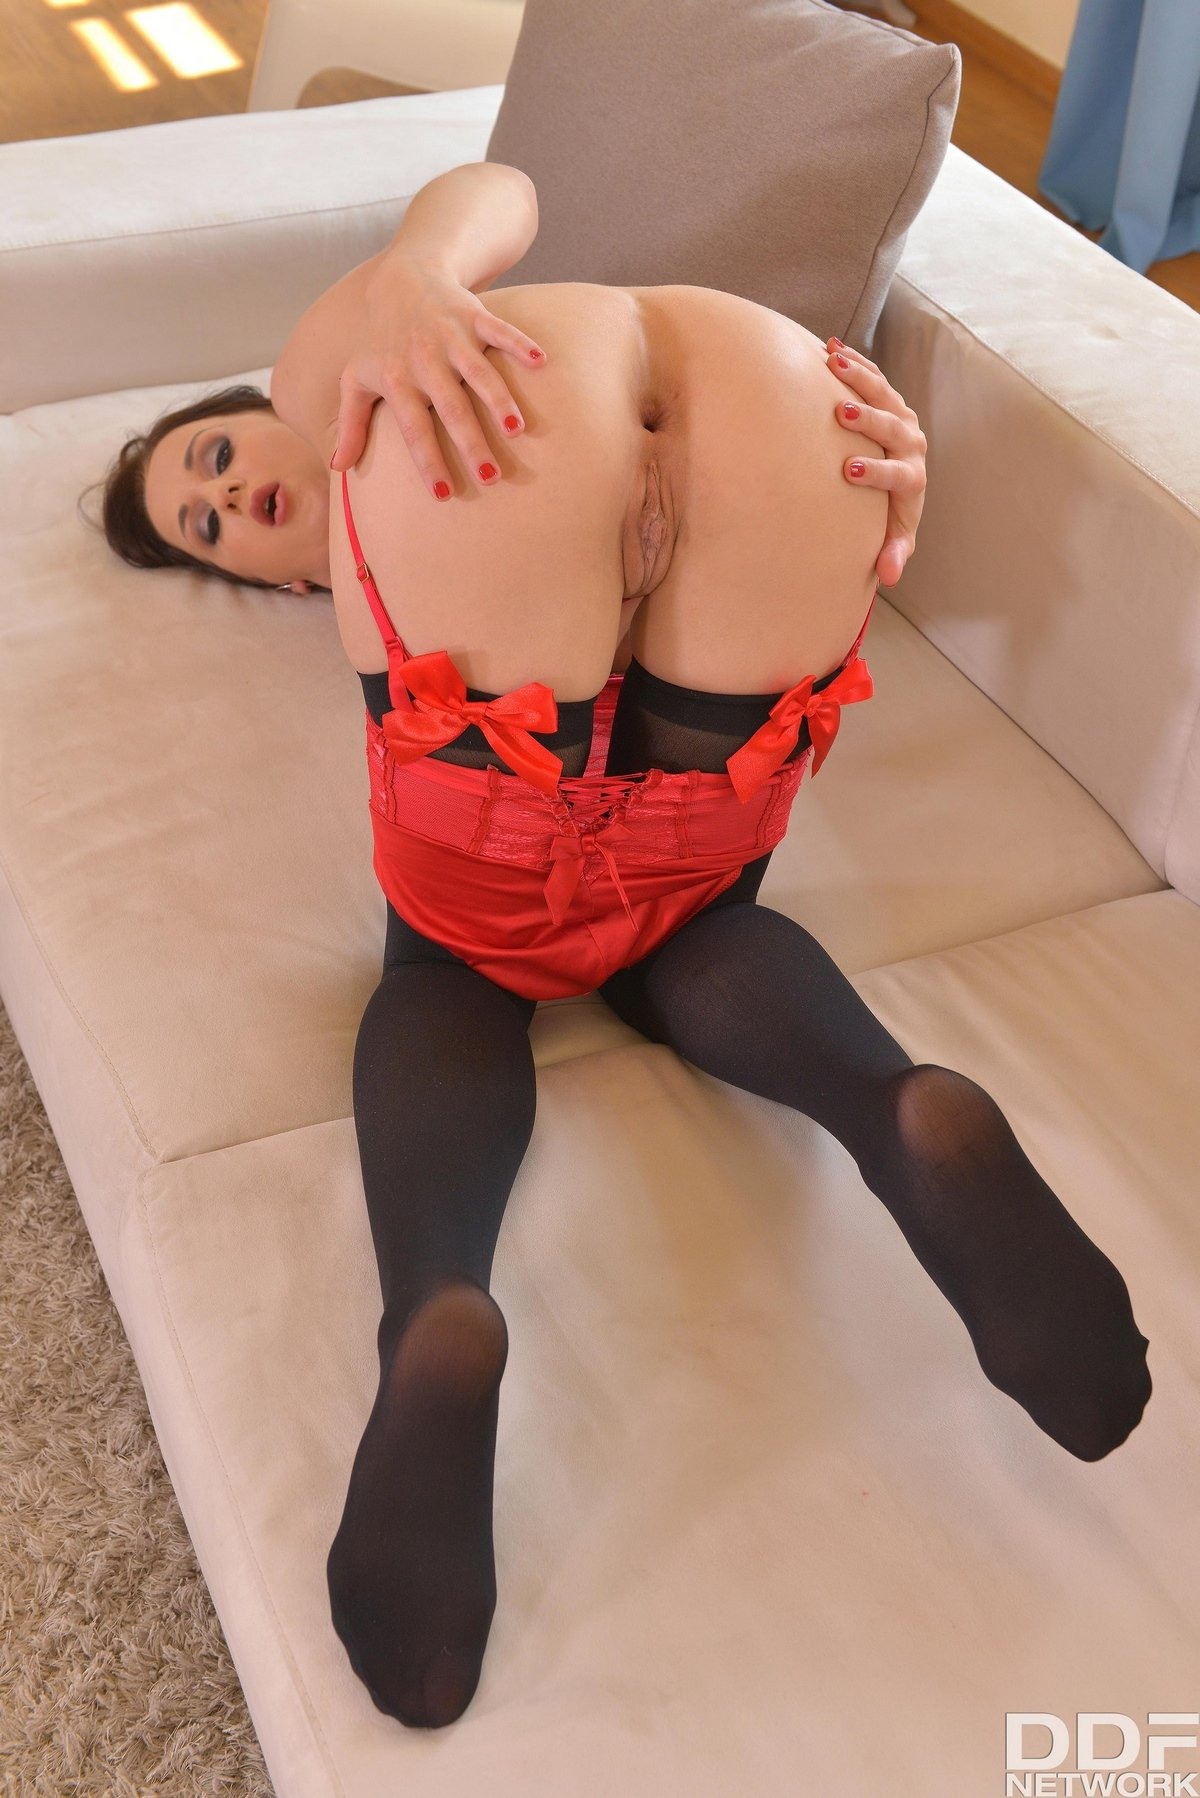 Женщина показывает длинные ноги в чулках с красными бантиками